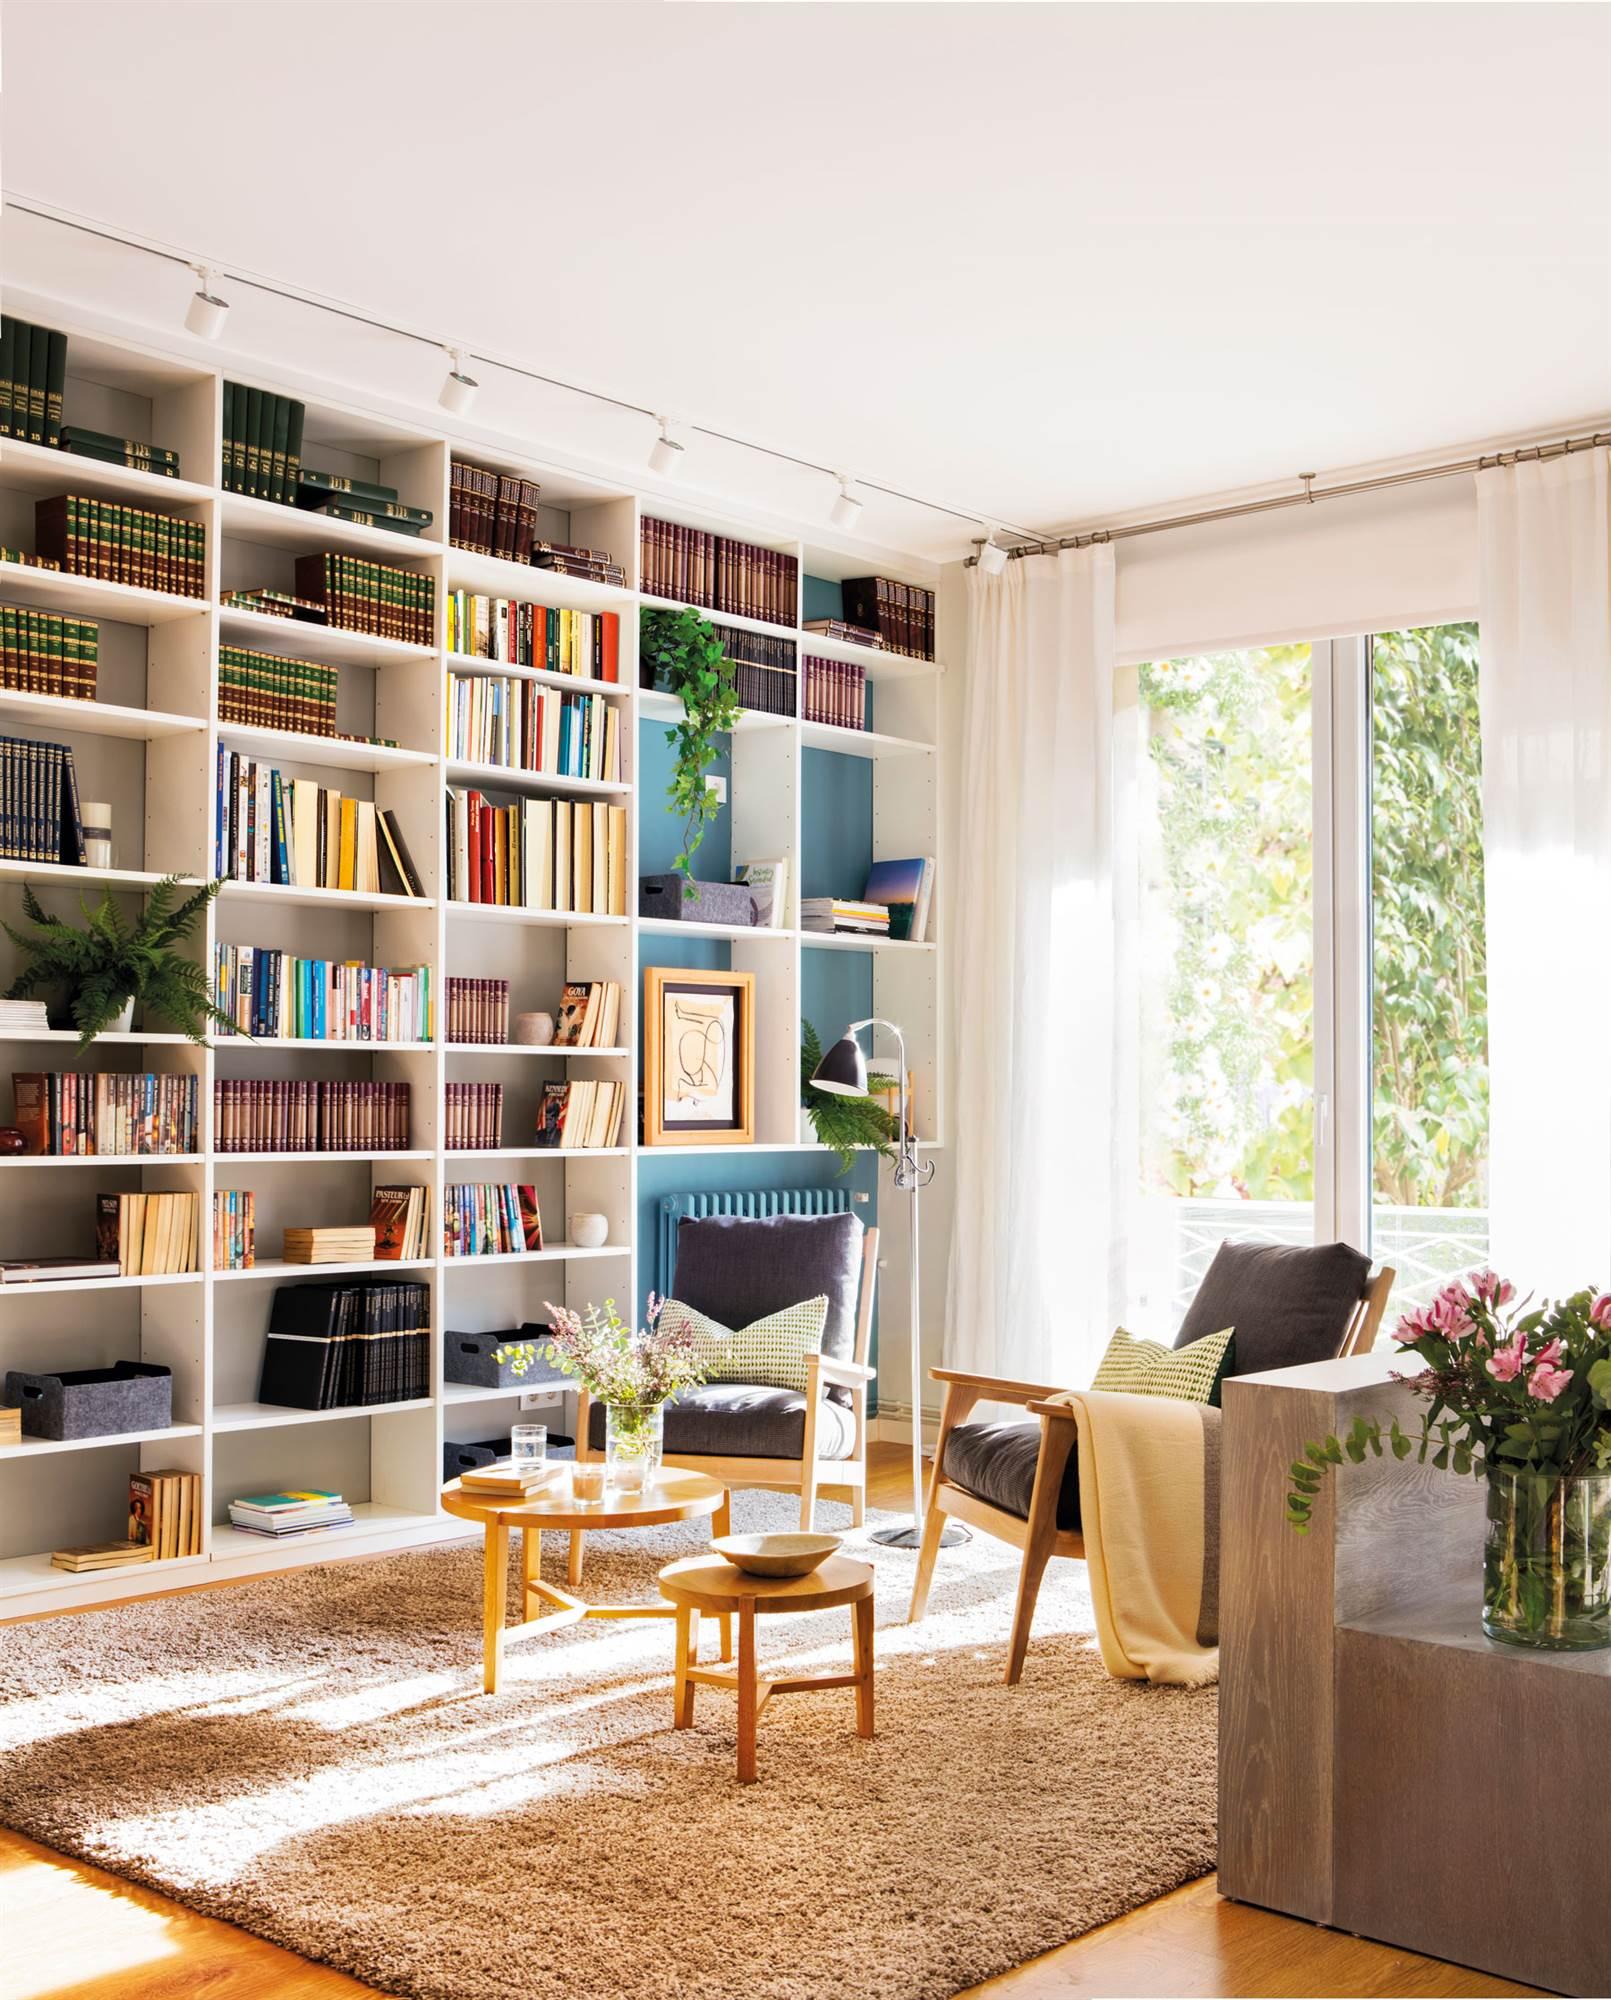 Cómo elegir el color para pintar las paredes de casa